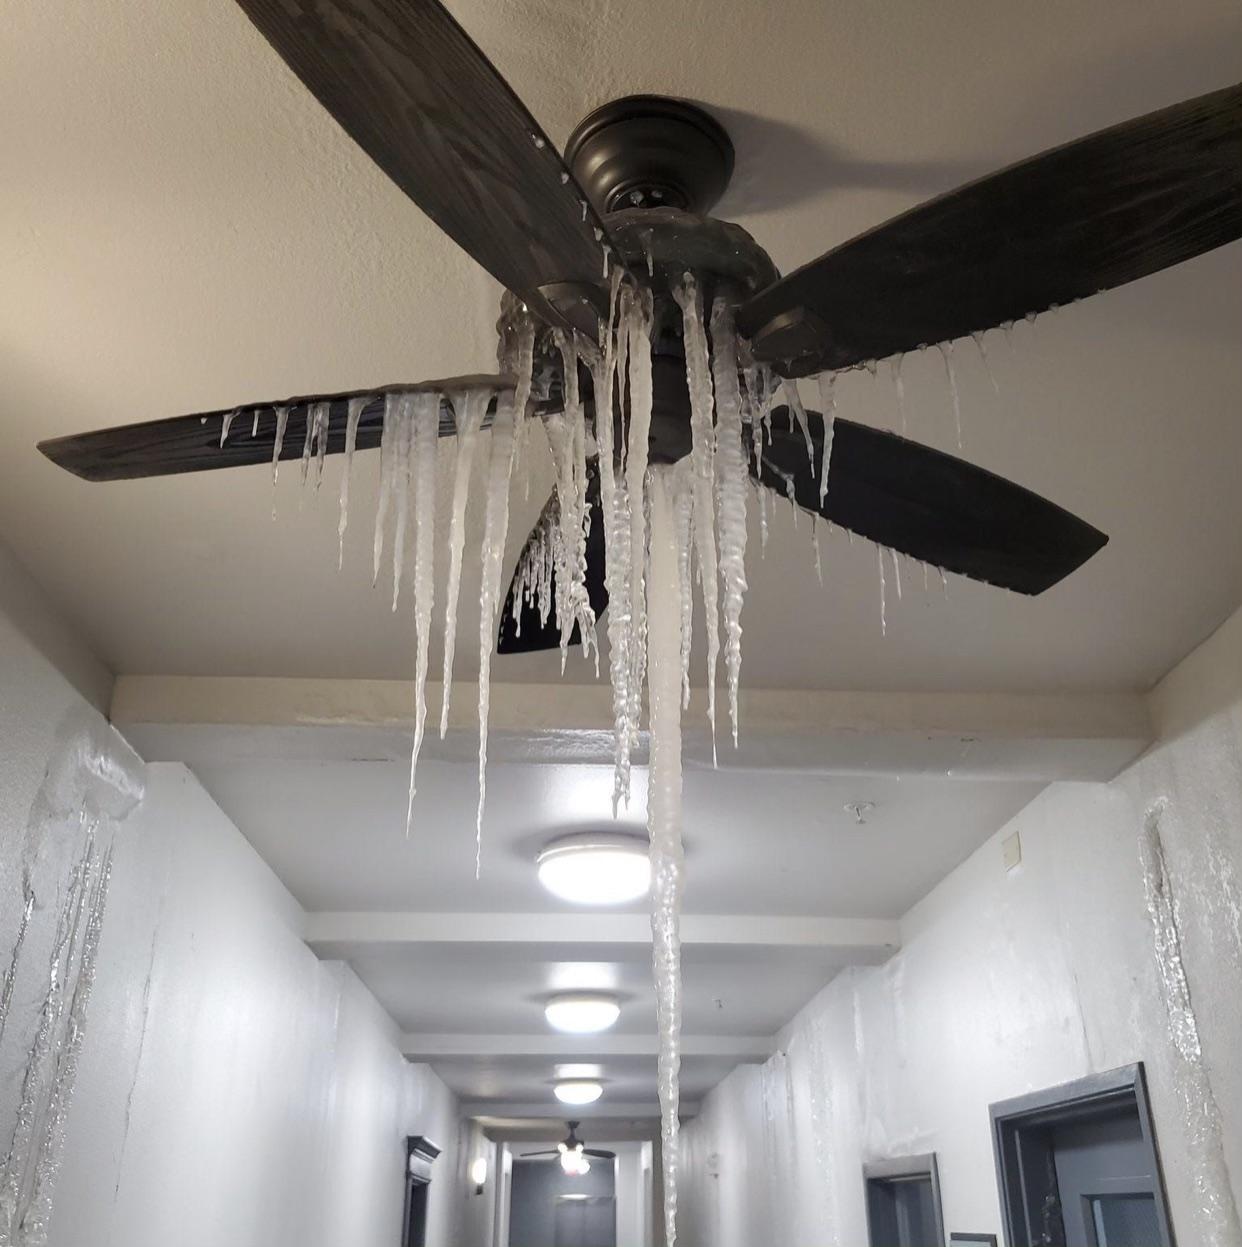 Frozen home, what do you do?